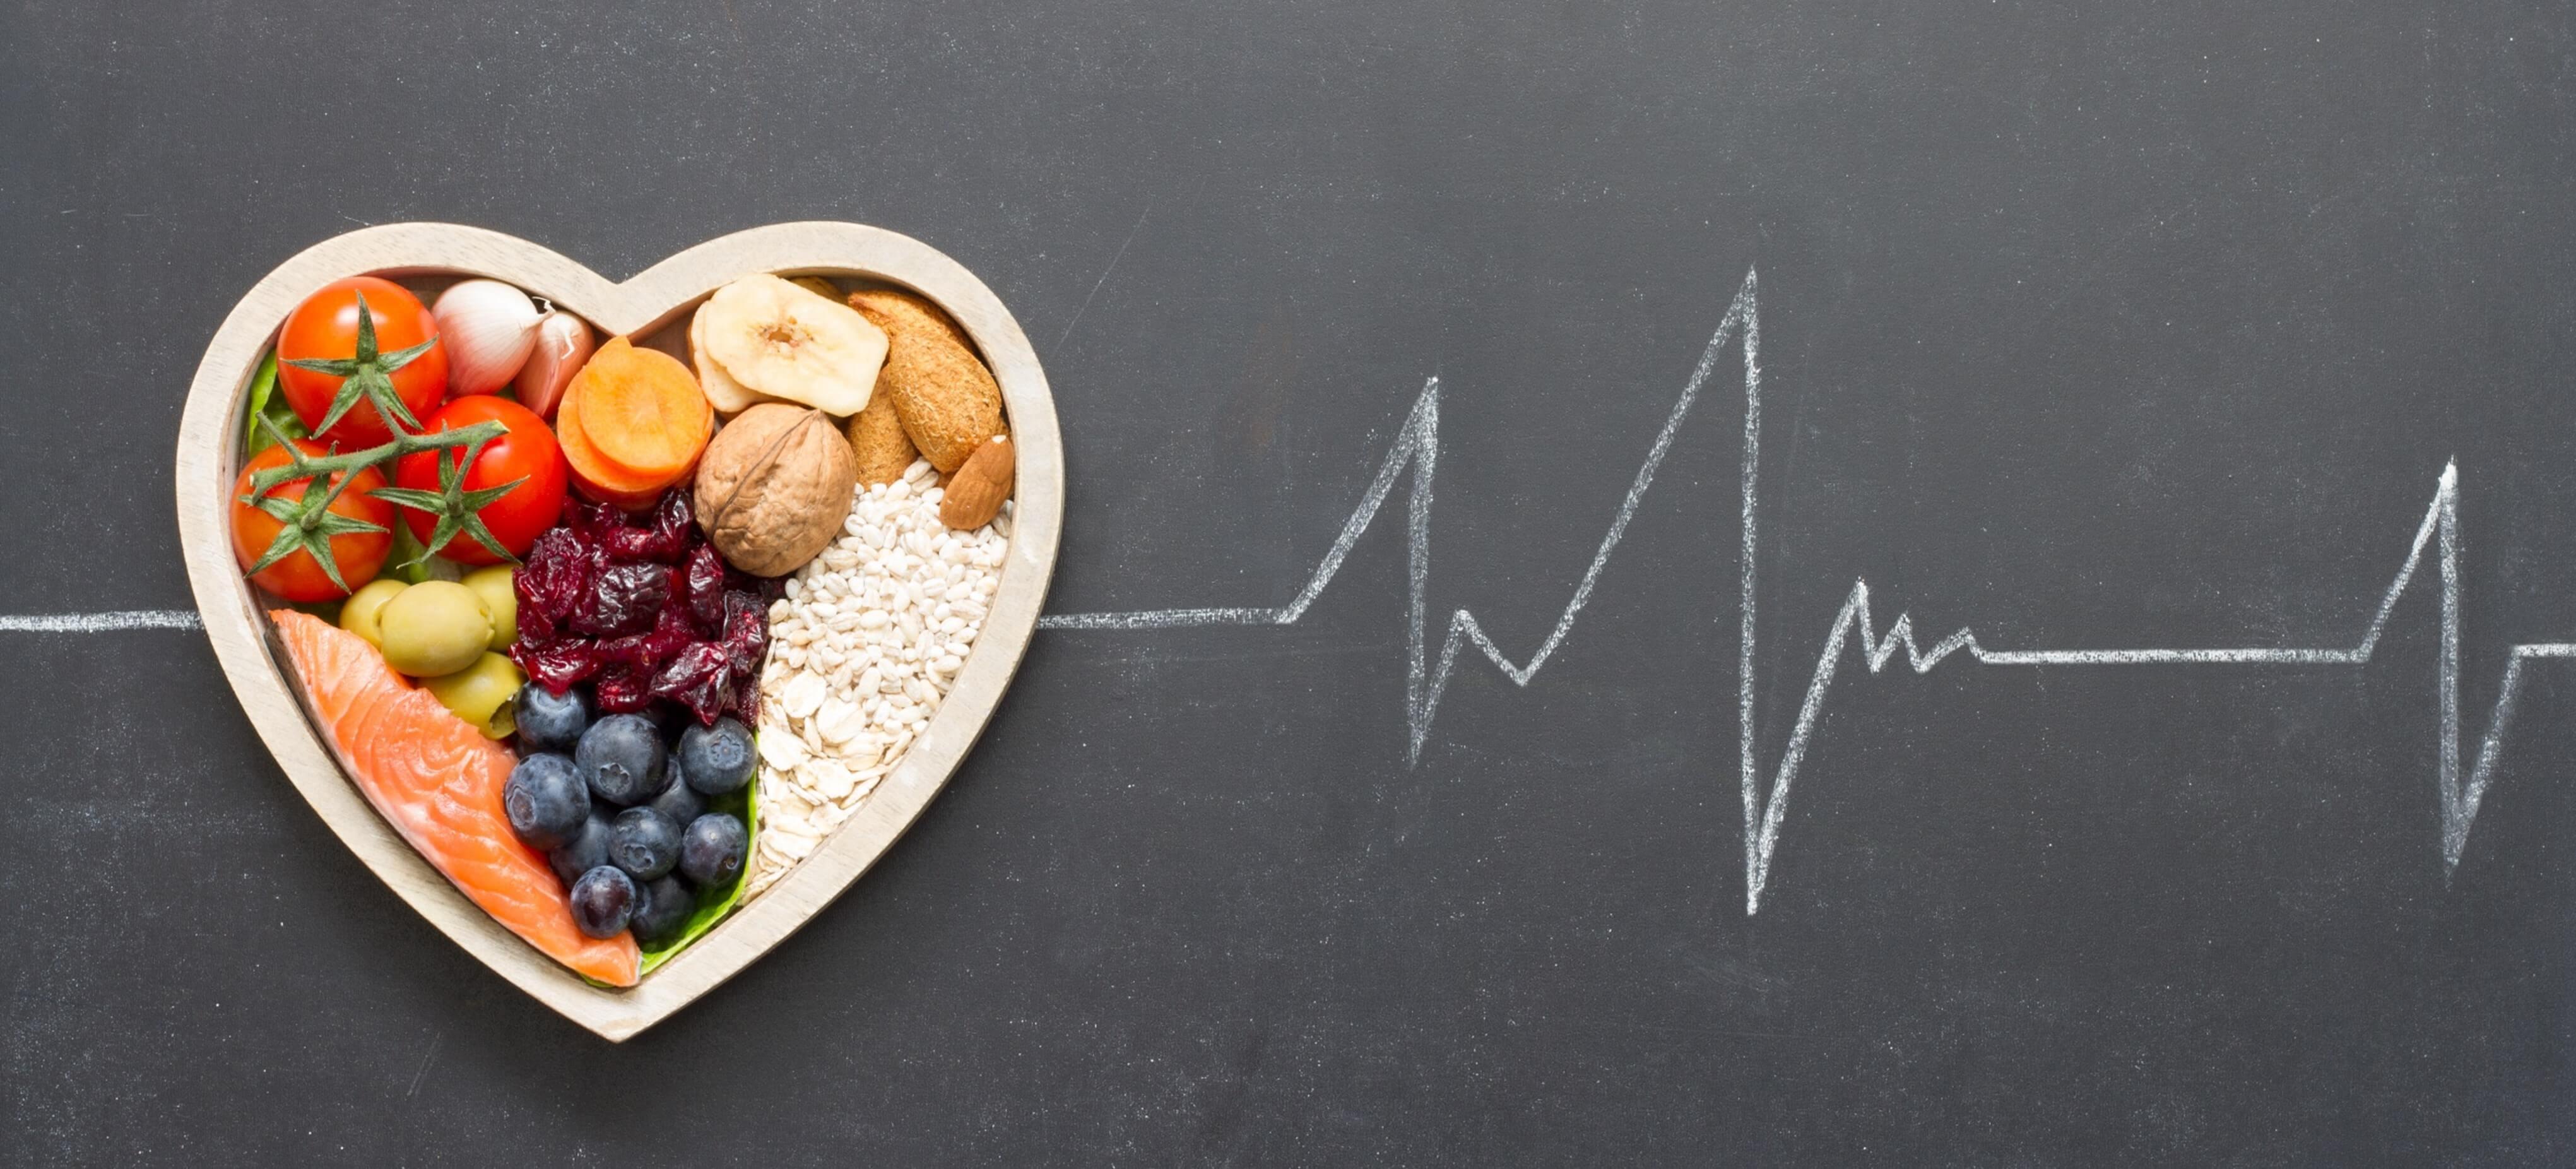 Herz mit gesunden, mediterranen Lebensmitteln und Herzlinie auf Tafel